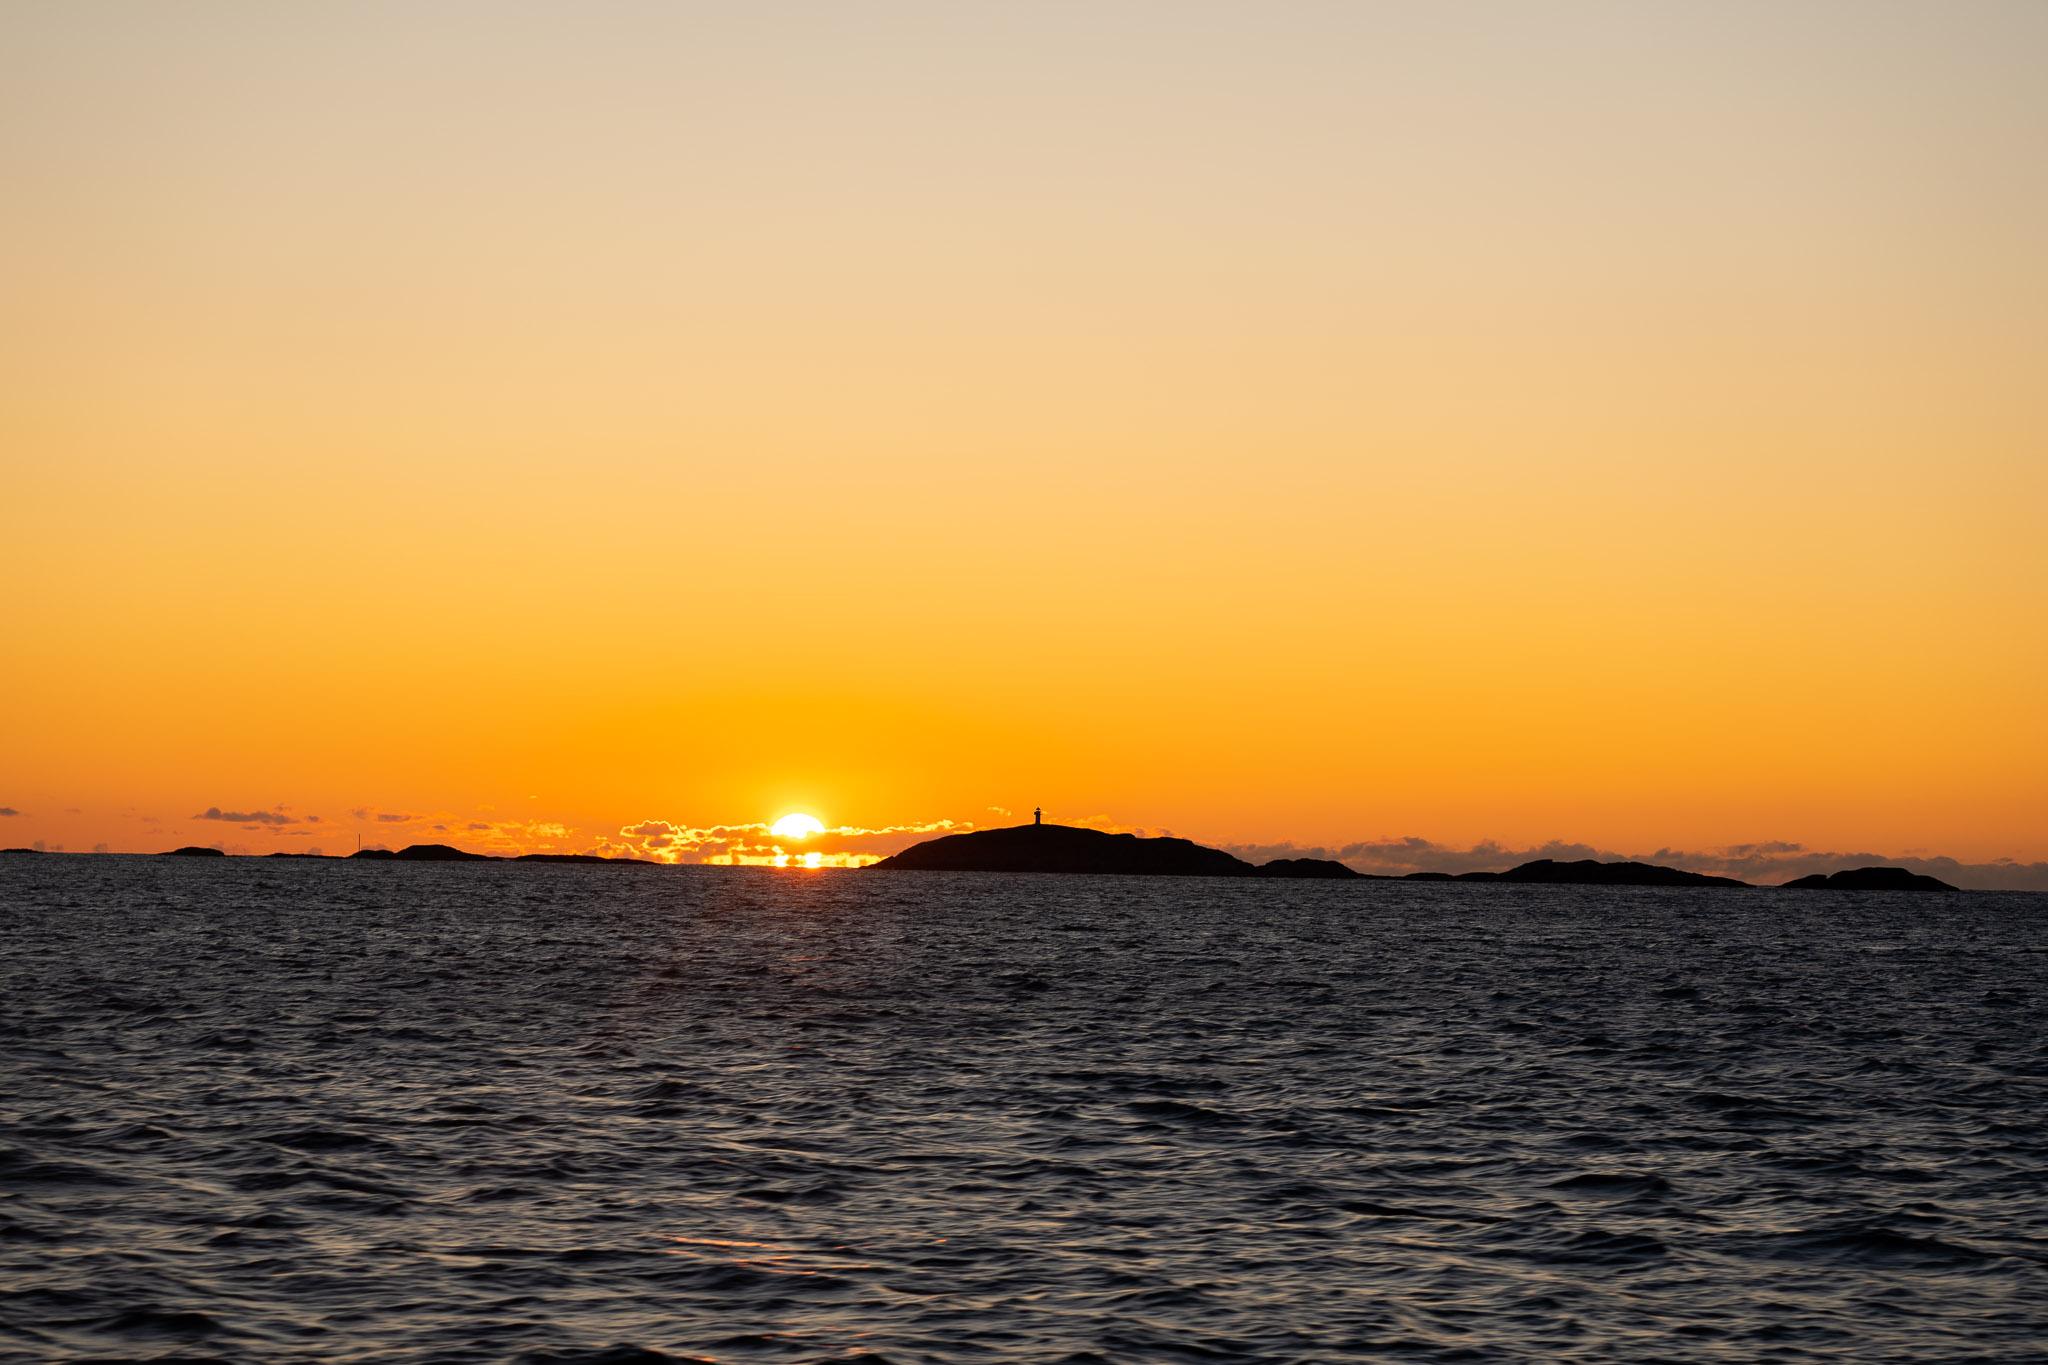 Sonnenuntergang bei Rückfahrt